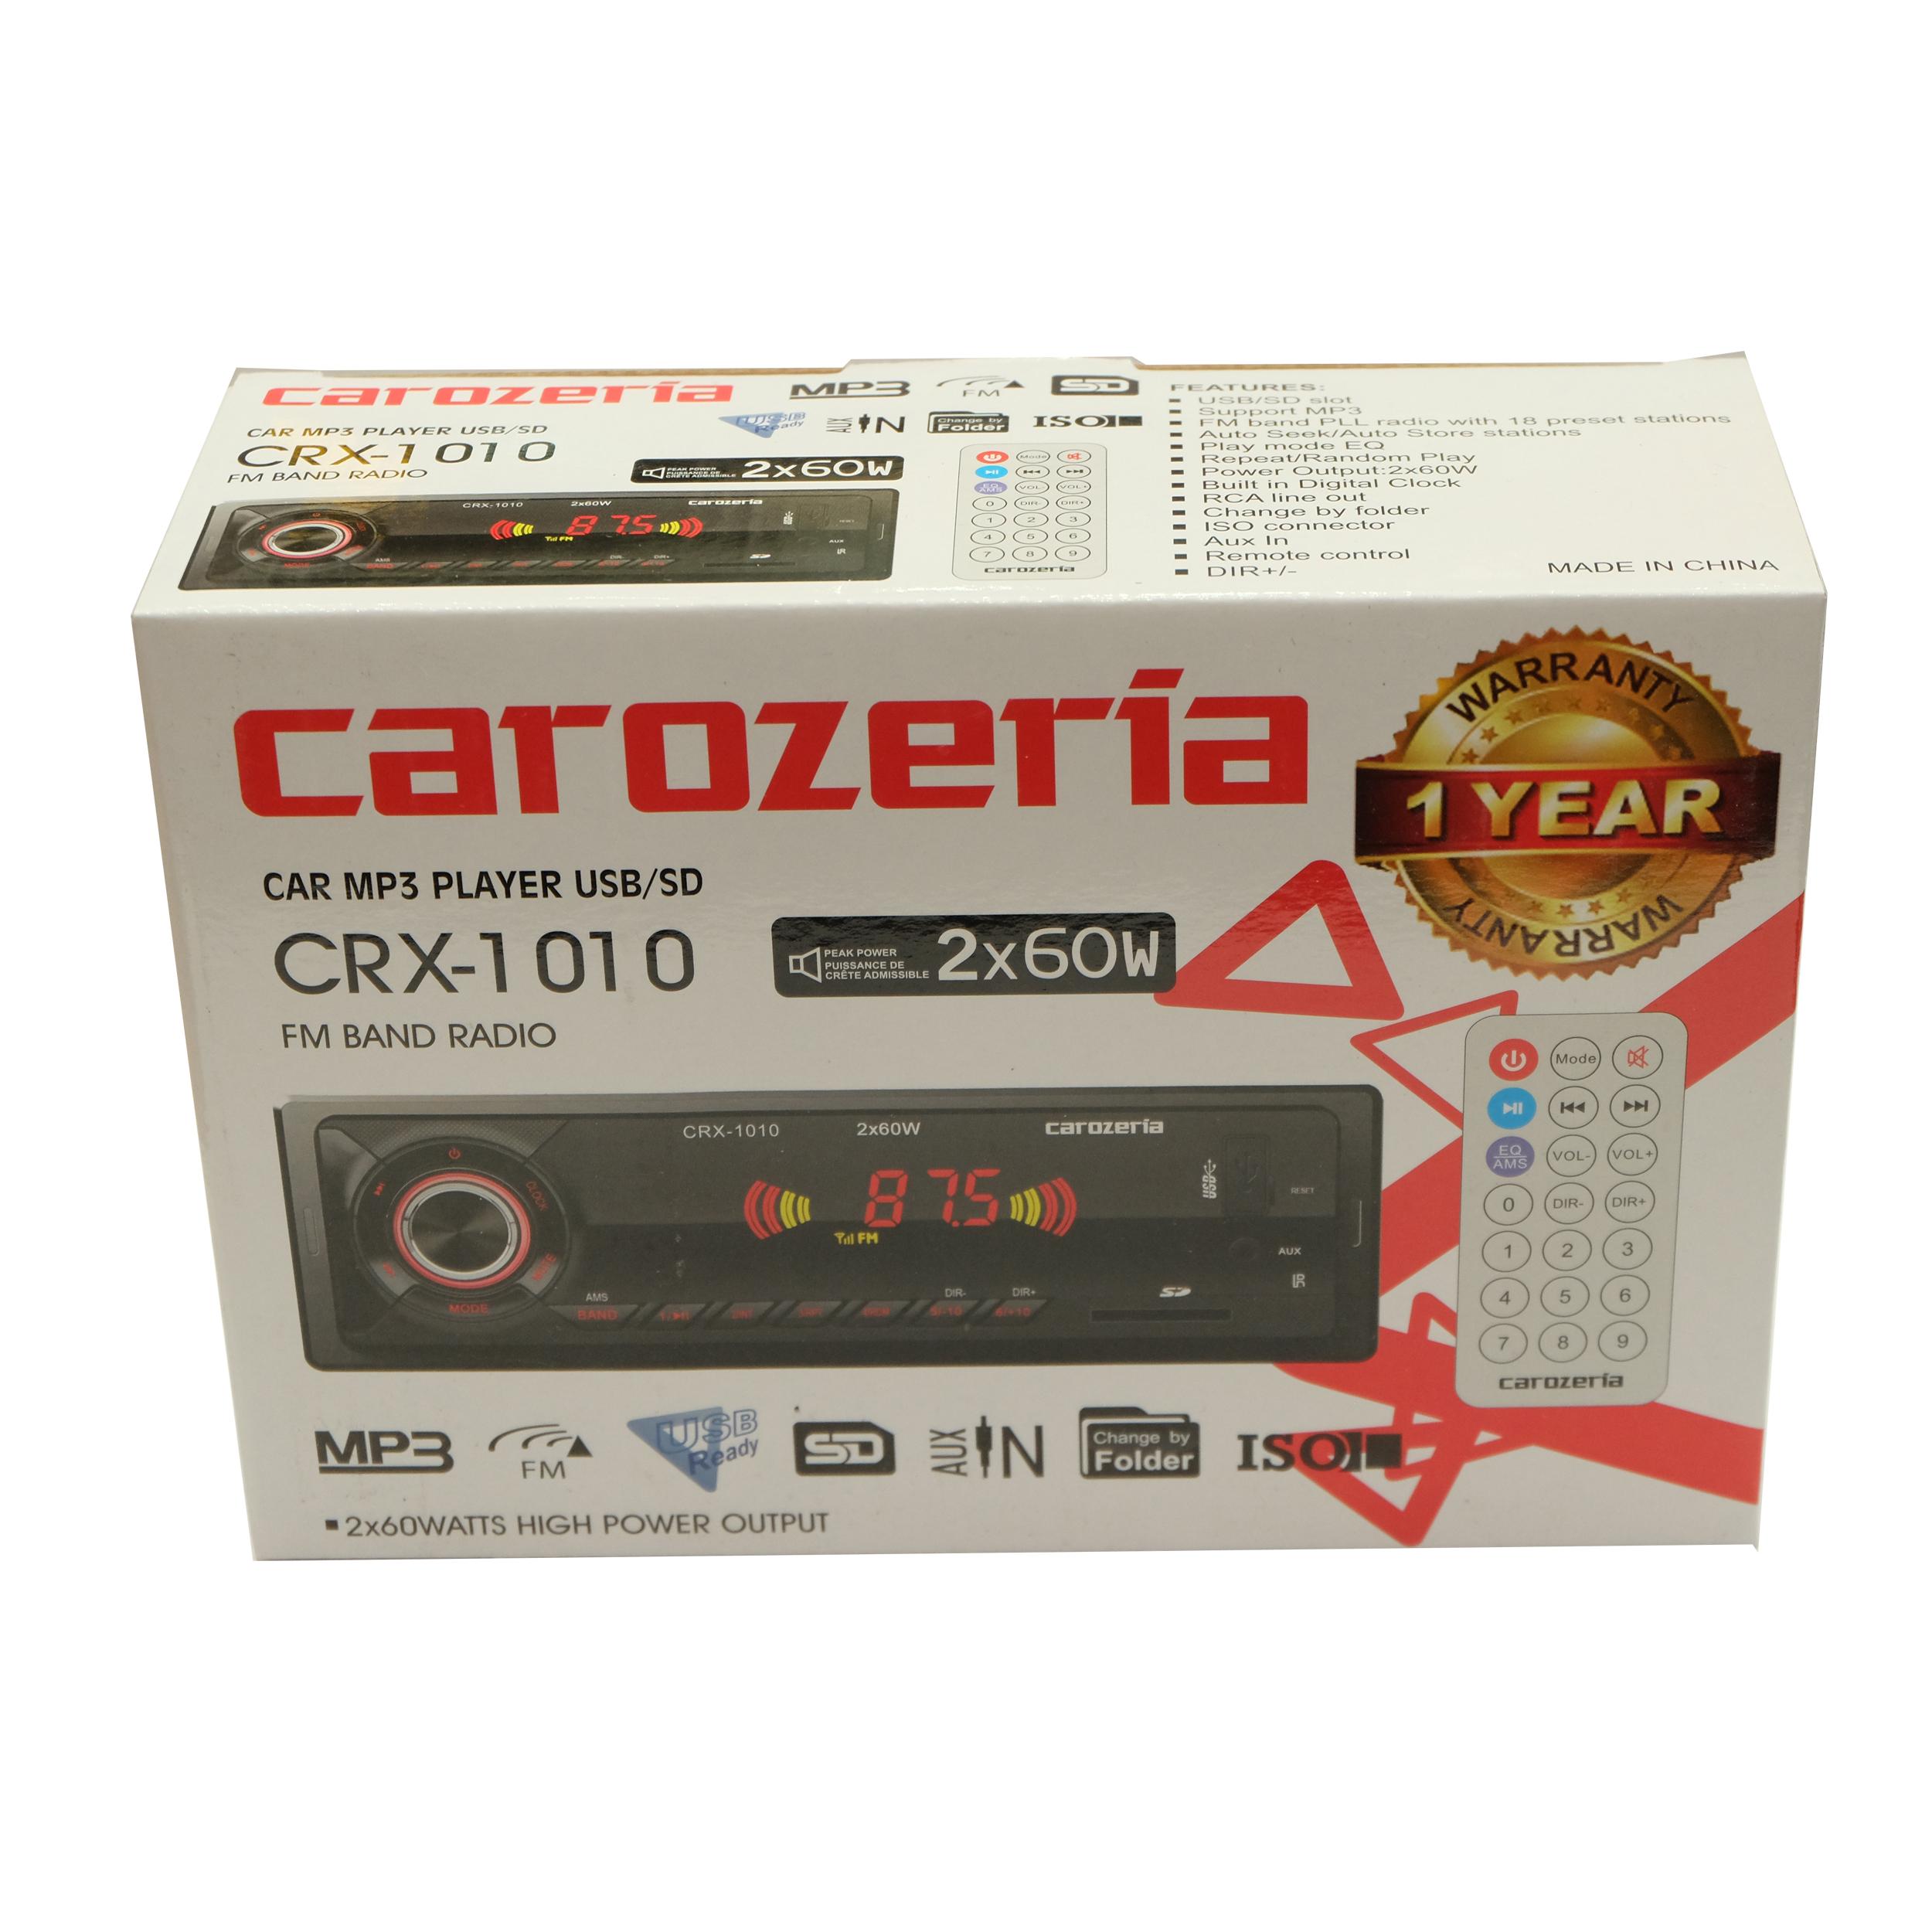 پخش کننده خودرو کاروزریا مدل CRX-1010